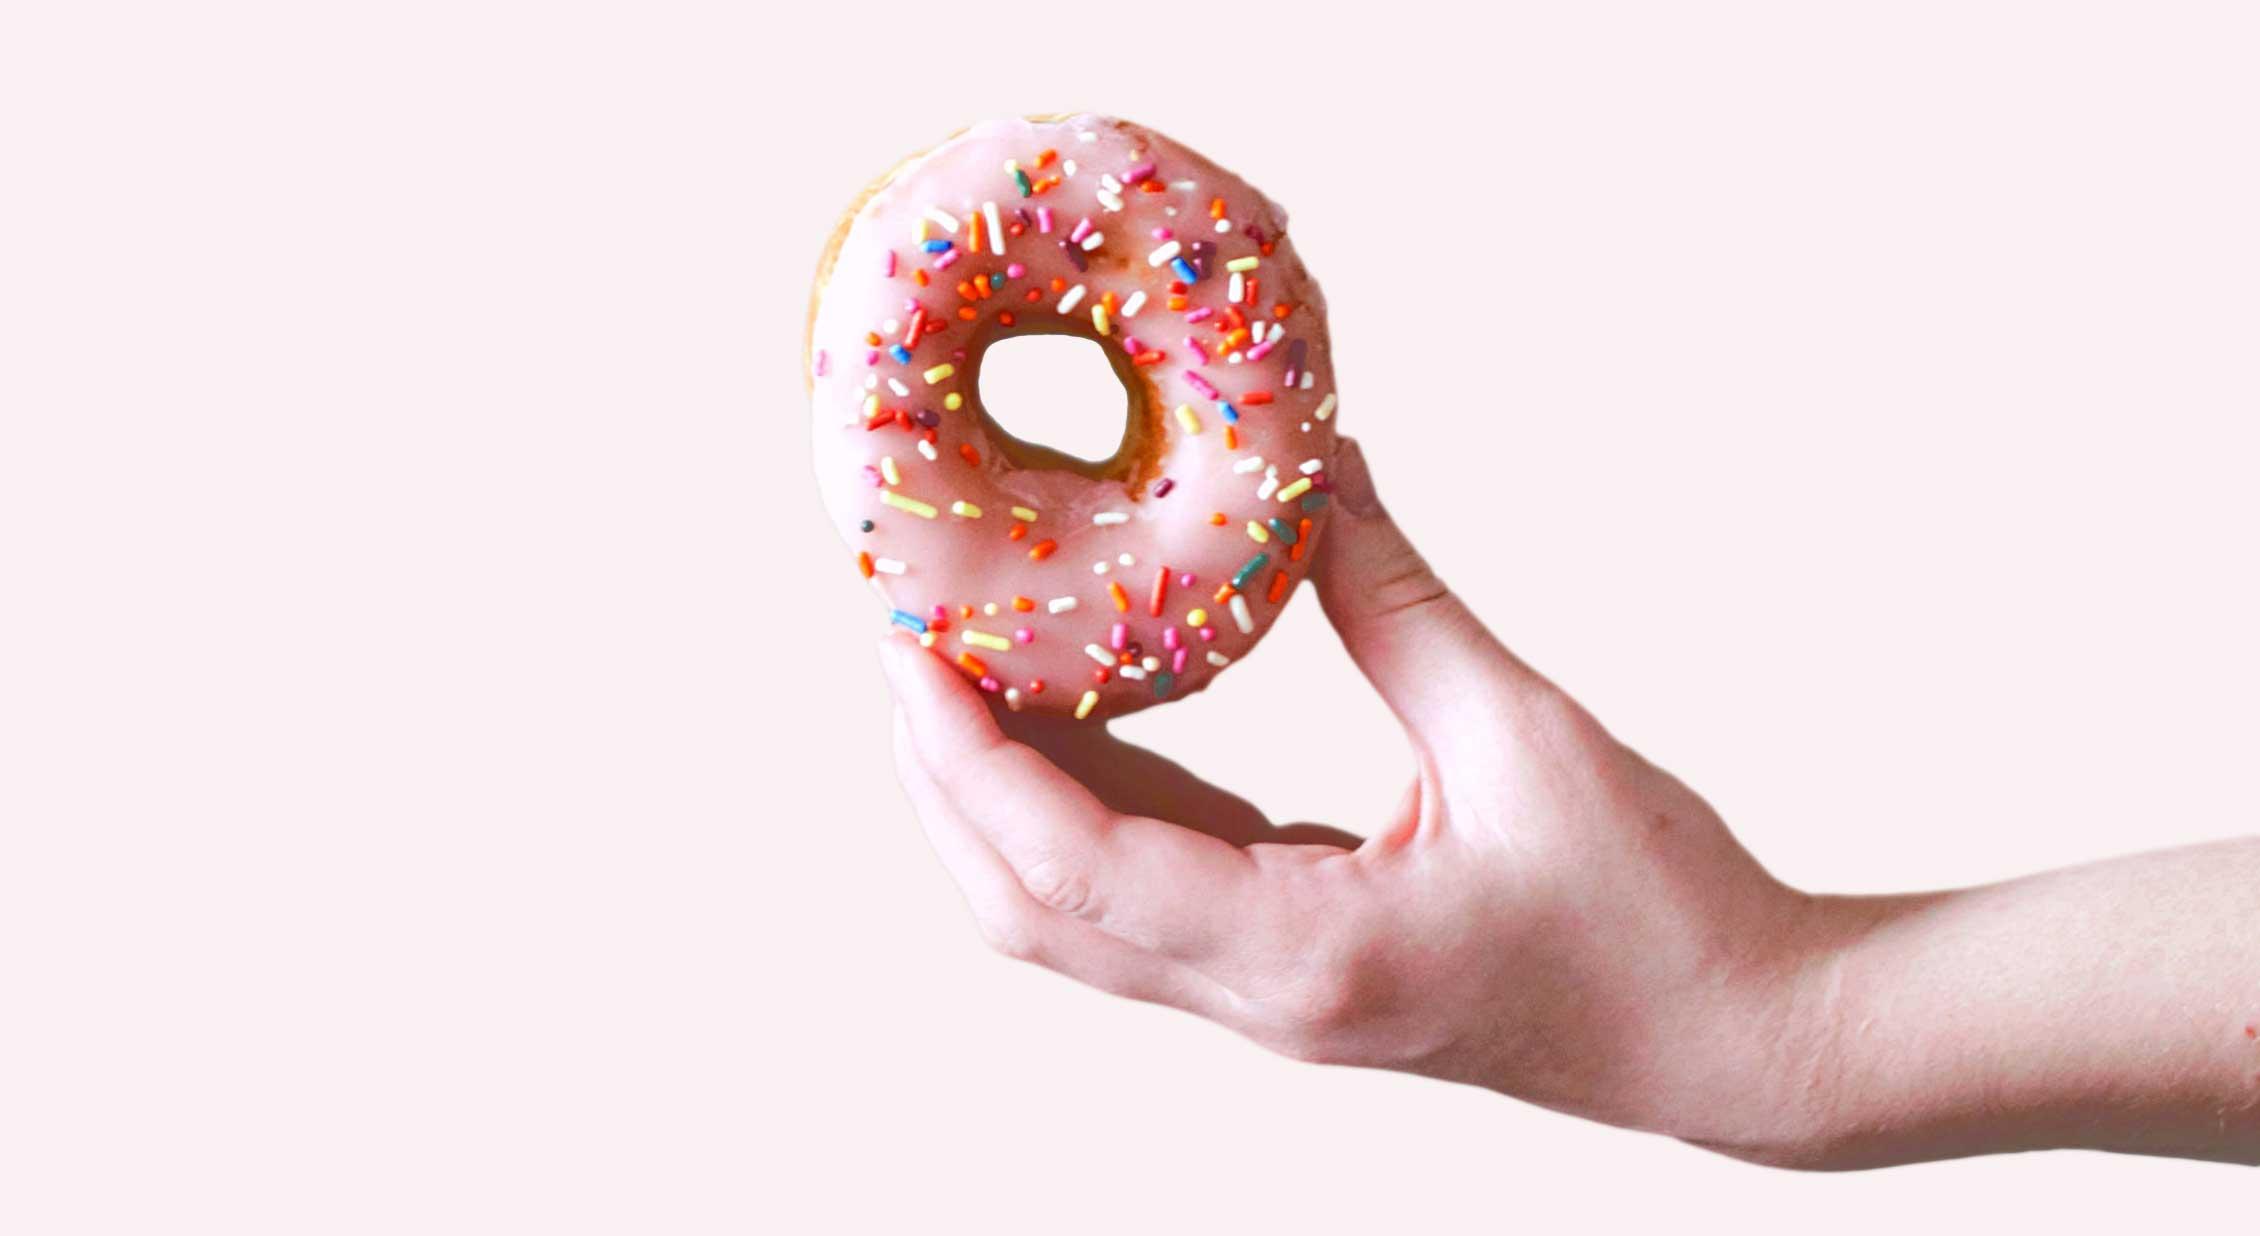 pink-glazed-donut